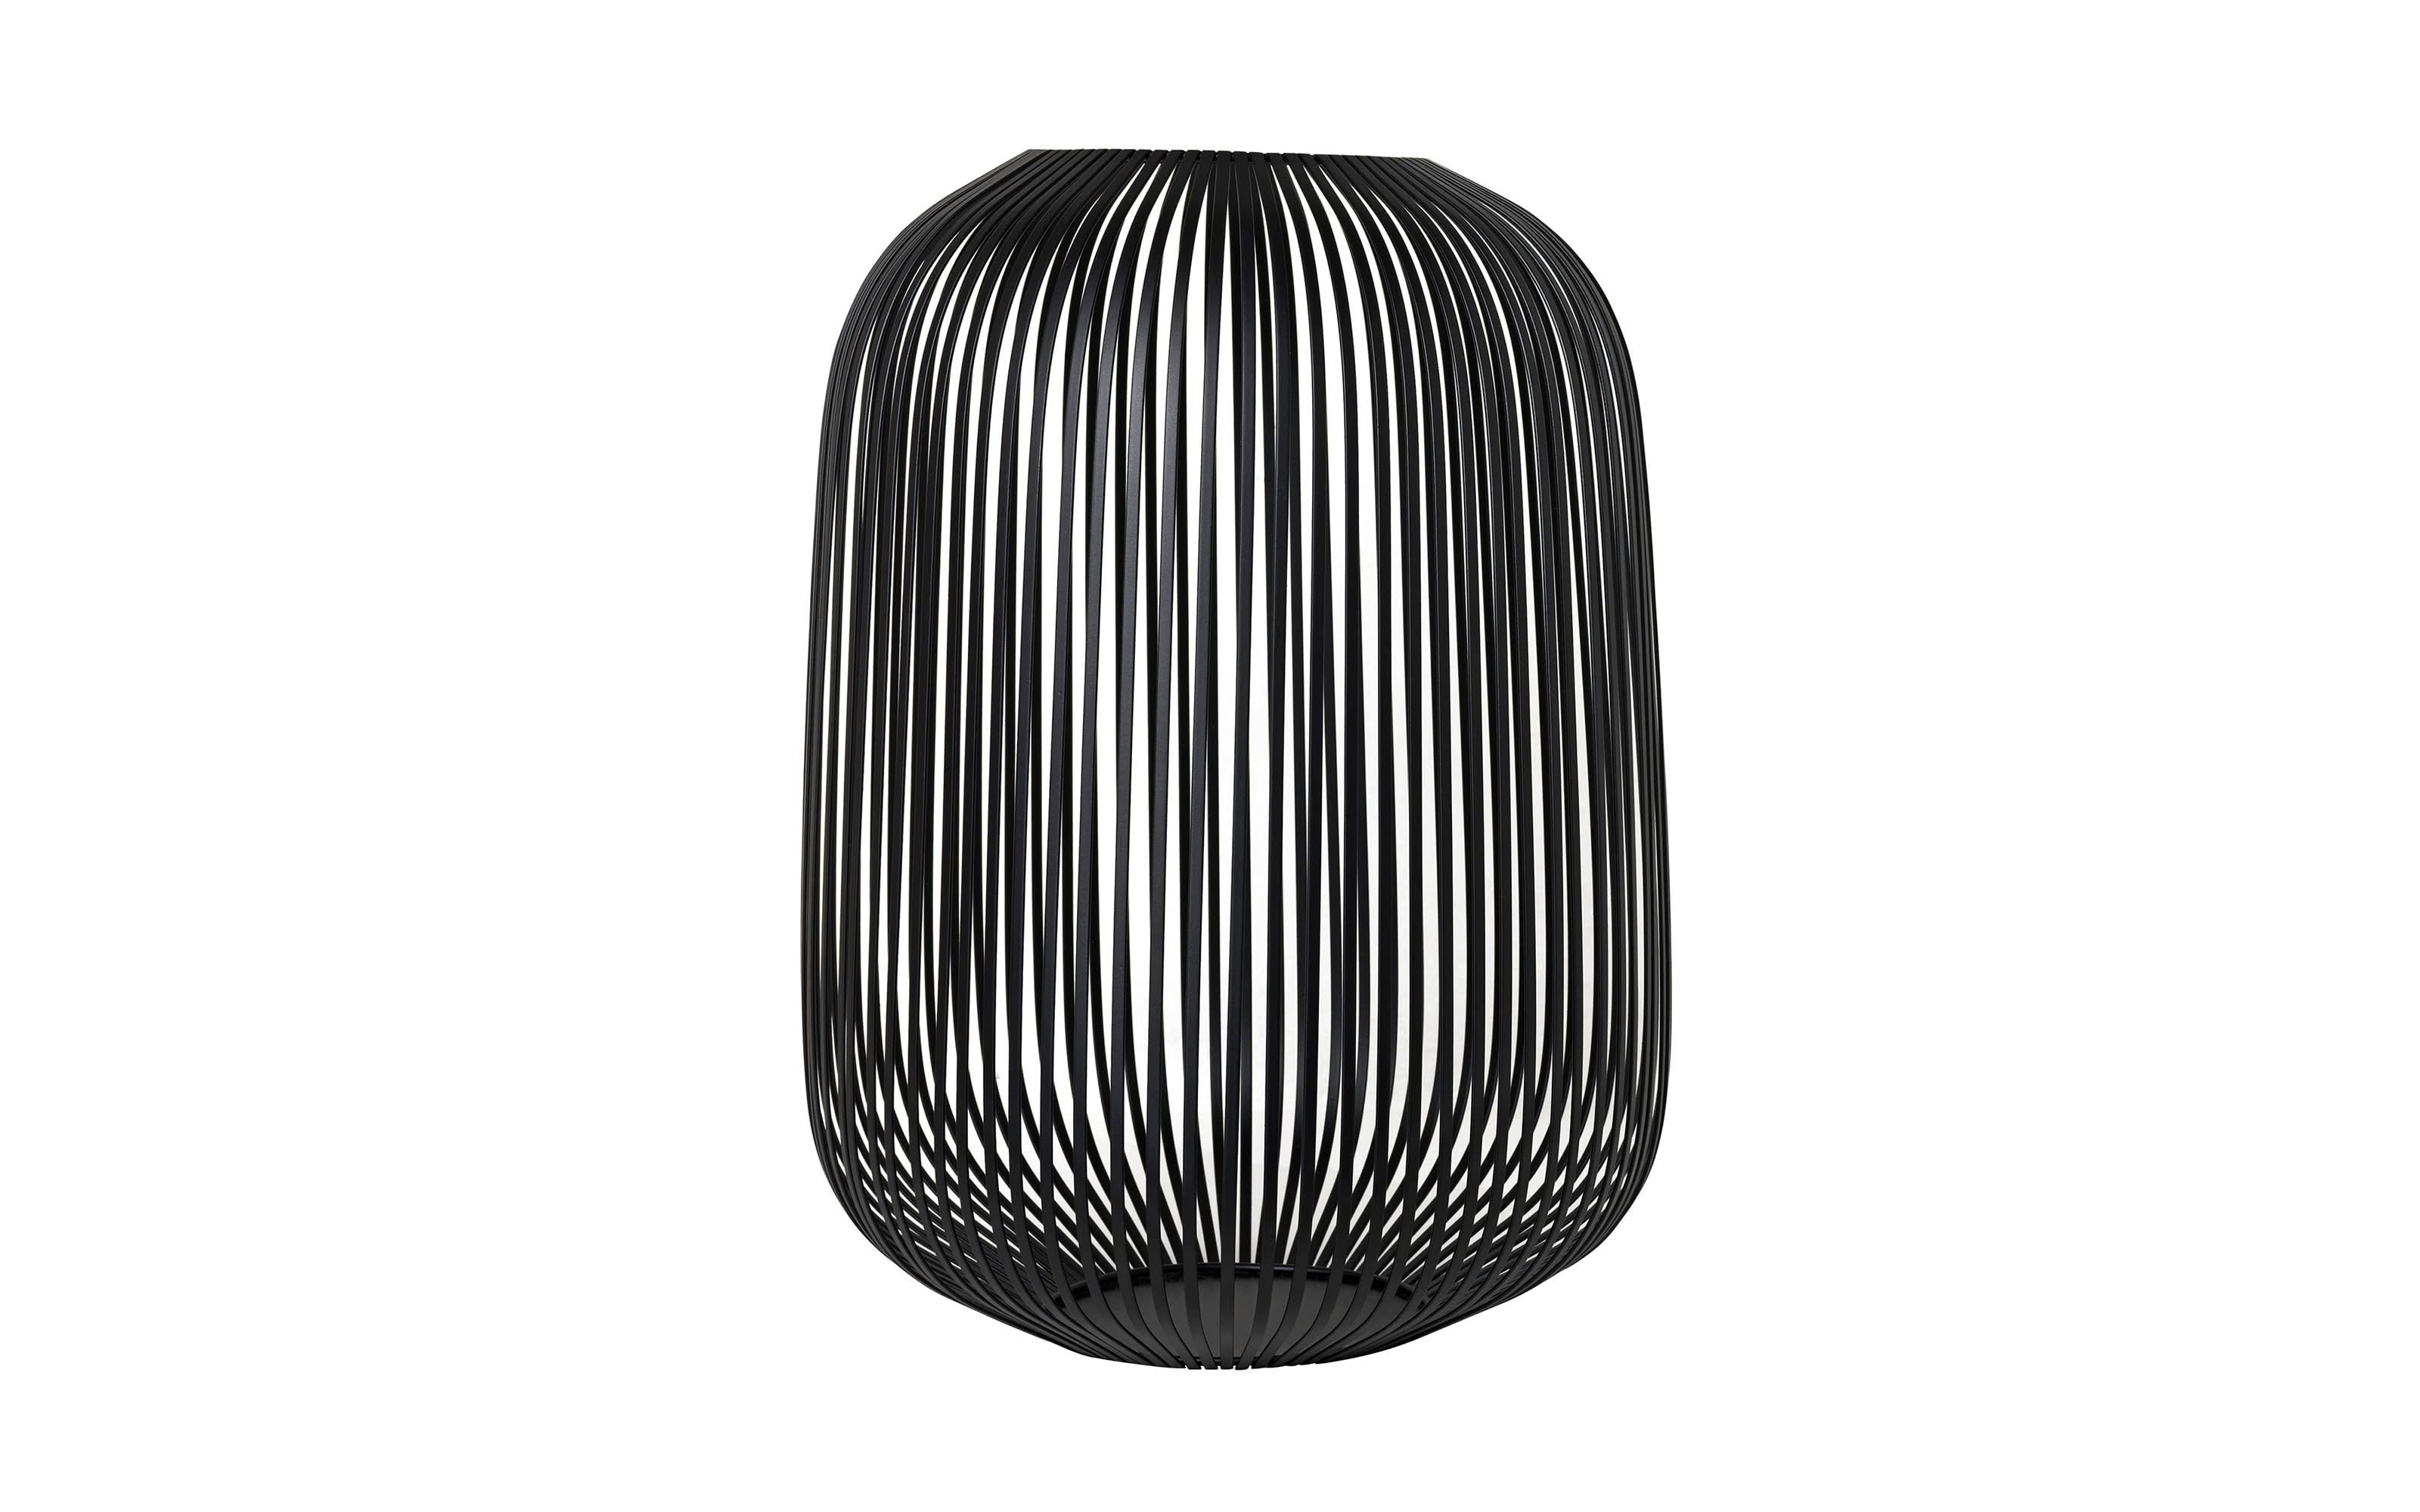 Laterne Lito in schwarz, 33 x 45 x 33 cm